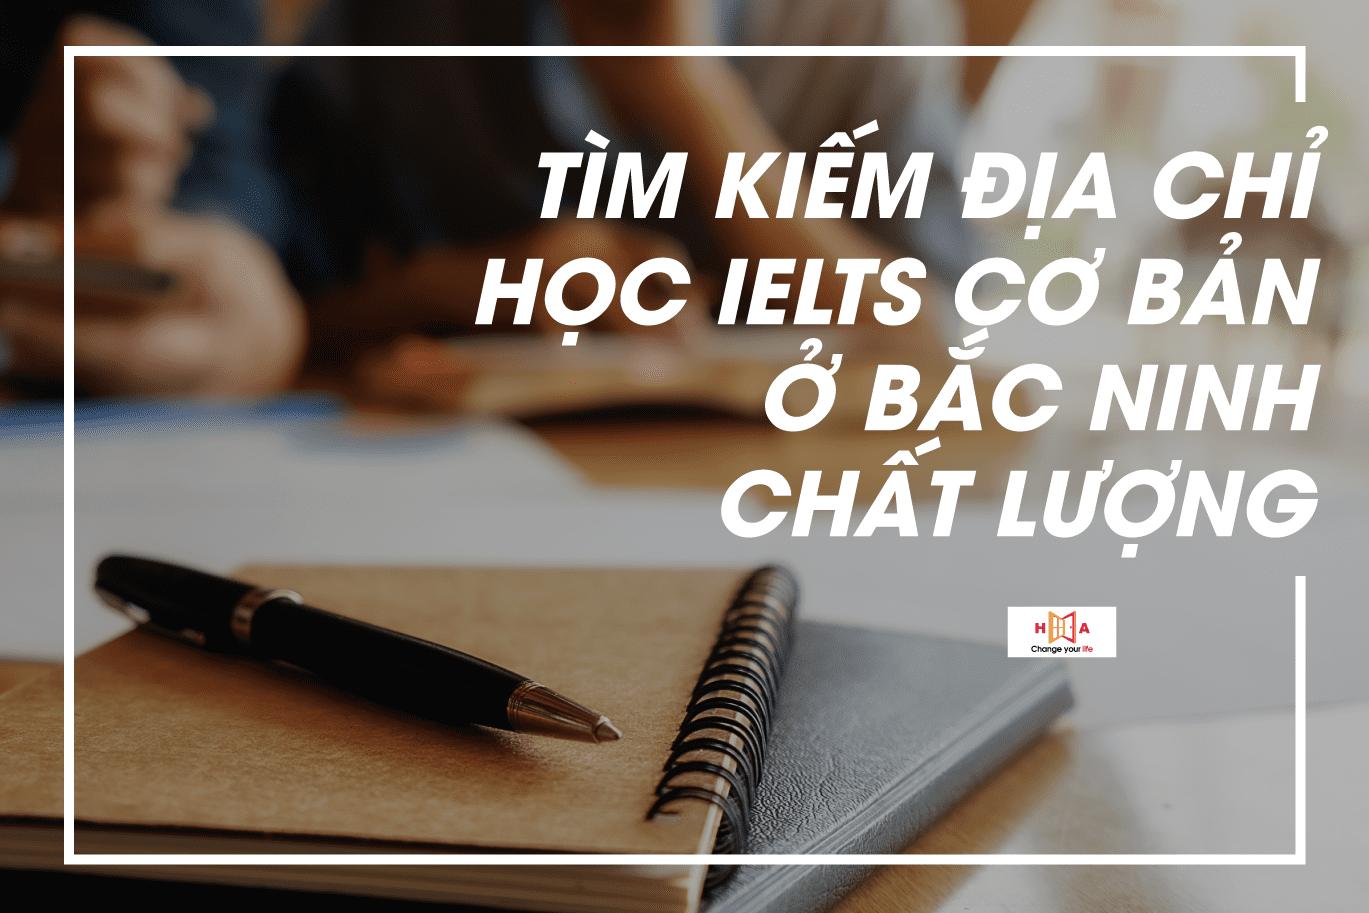 địa chỉ học IELTS cơ bản ở Bắc Ninh